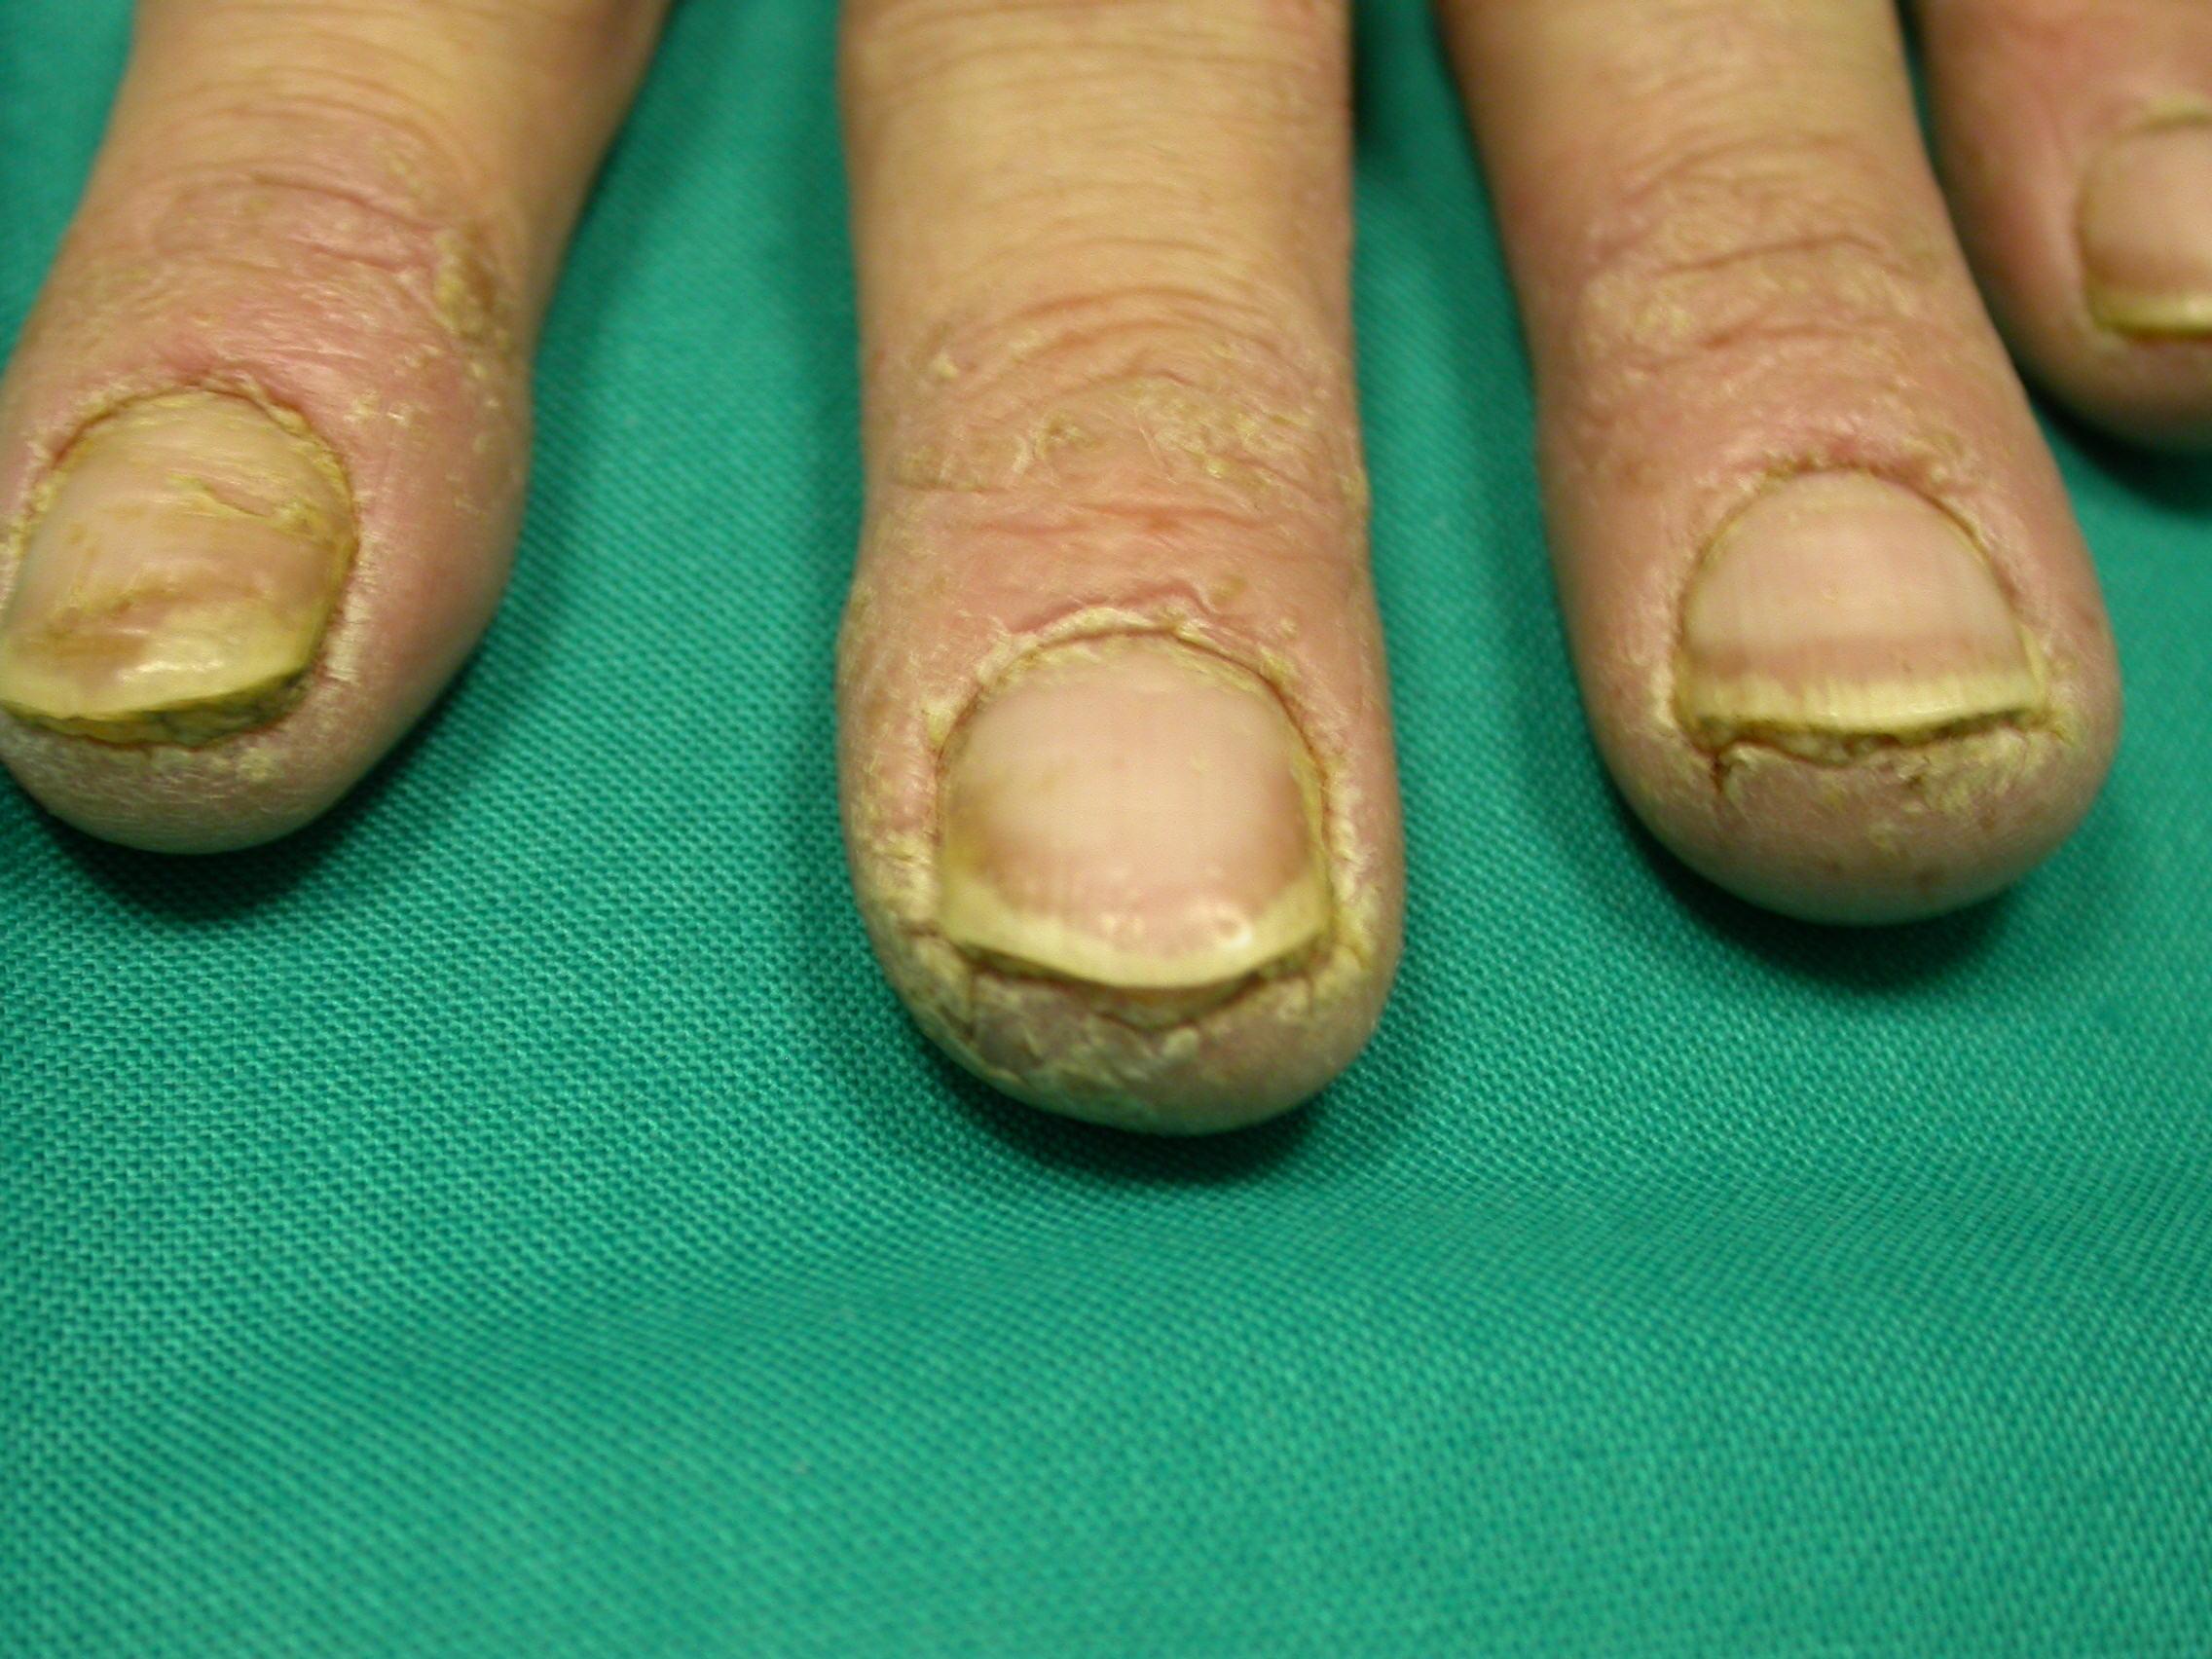 Dicembre 2013 foto in evidenza atlante dermatologico for Planimetrie da 1200 piedi quadrati